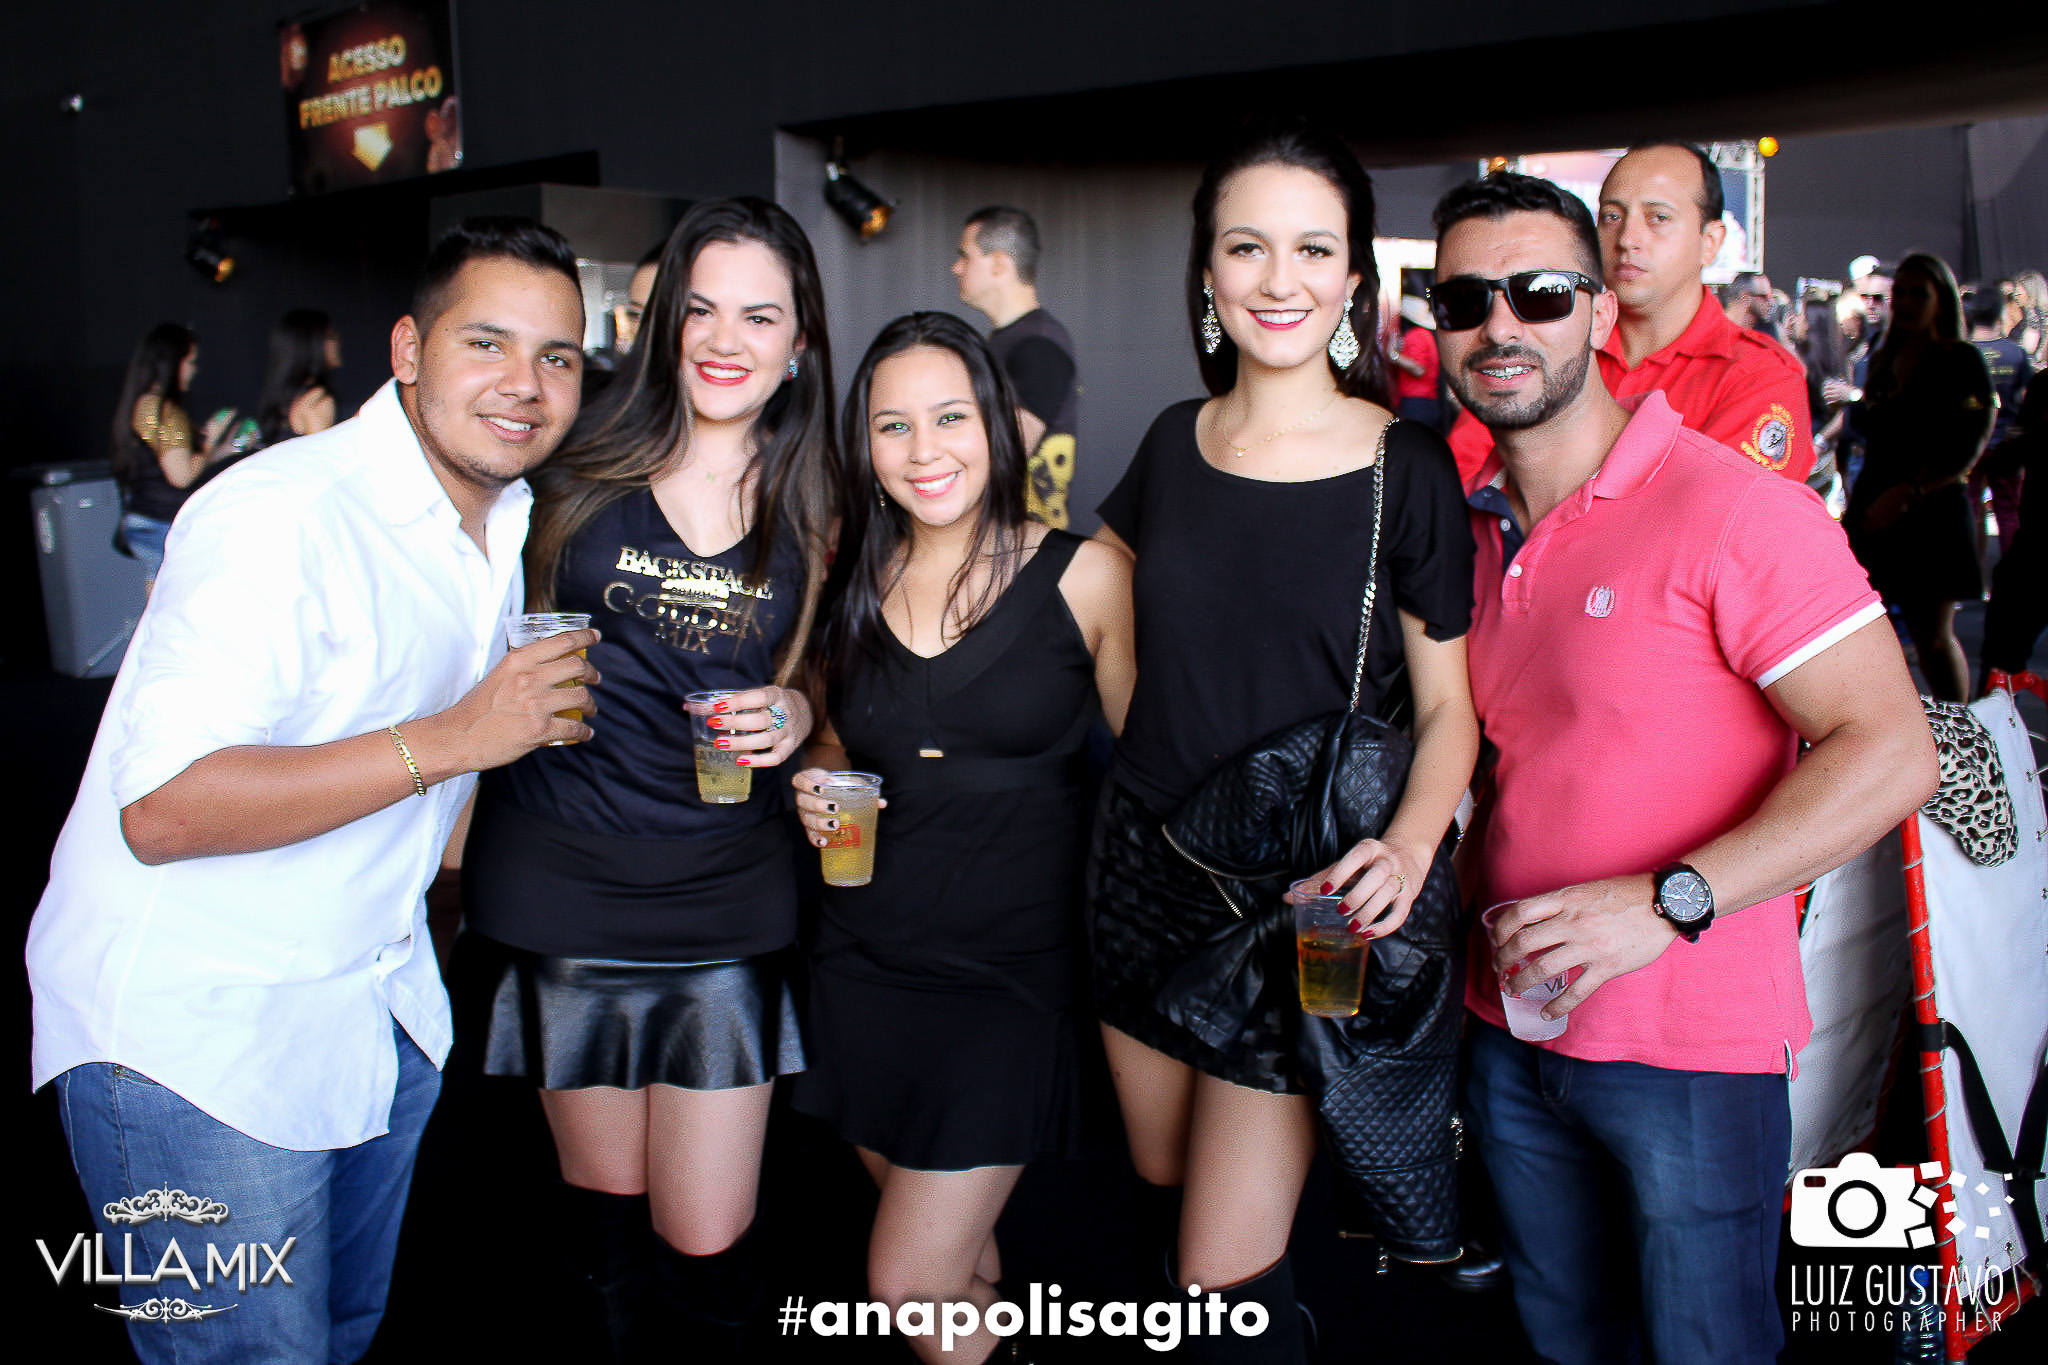 Luiz Gustavo Photographer (19 de 327)